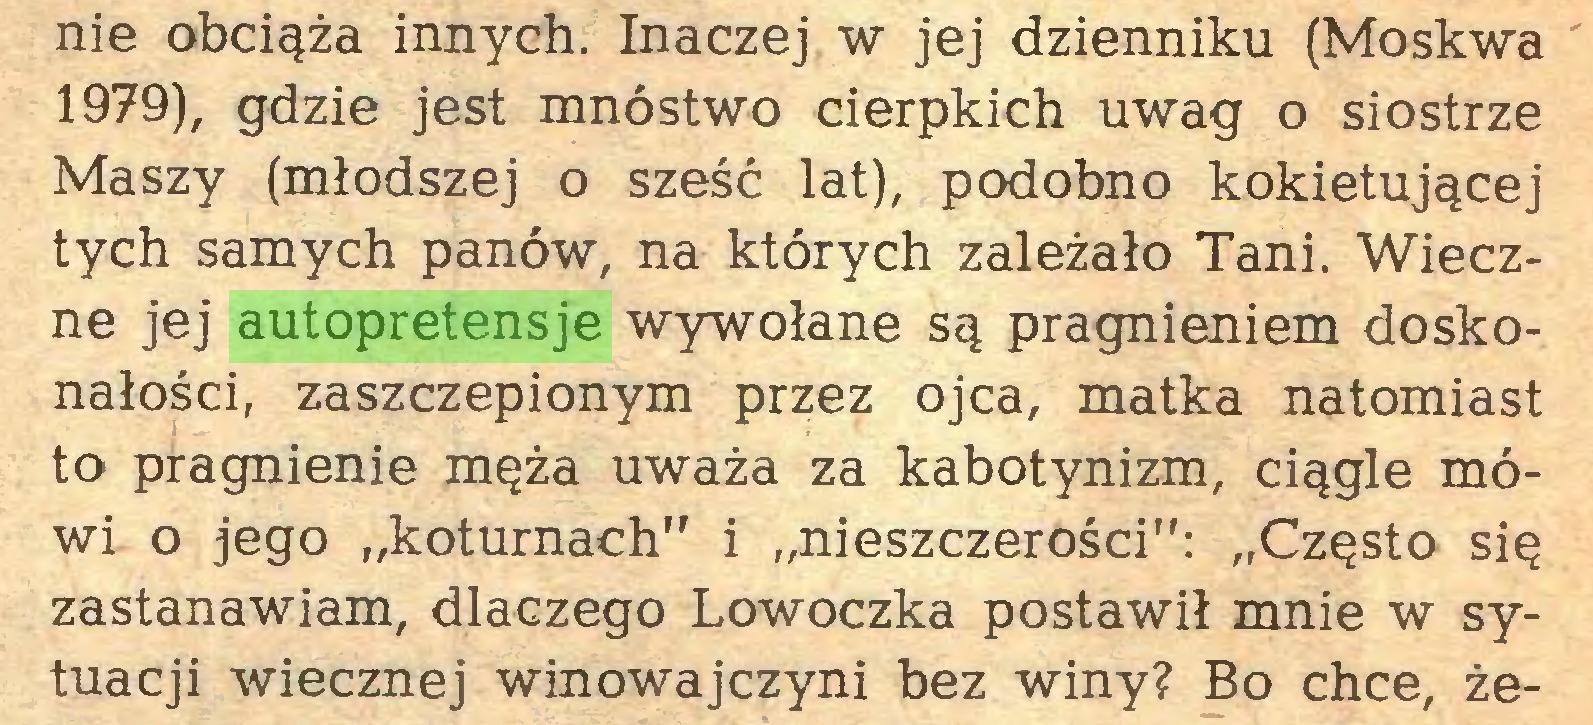 """(...) nie obciąża innych. Inaczej w jej dzienniku (Moskwa 1979), gdzie jest mnóstwo cierpkich uwag o siostrze Maszy (młodszej o sześć lat), podobno kokietującej tych samych panów, na których zależało Tani. Wieczne jej autopretensje wywołane są pragnieniem doskonałości, zaszczepionym przez ojca, matka natomiast to pragnienie męża uważa za kabotynizm, ciągle mówi o jego """"koturnach"""" i """"nieszczerości"""": """"Często się zastanawiam, dlaczego Lowoczka postawił mnie w sytuacji wiecznej winowajczyni bez winy? Bo chce, że..."""